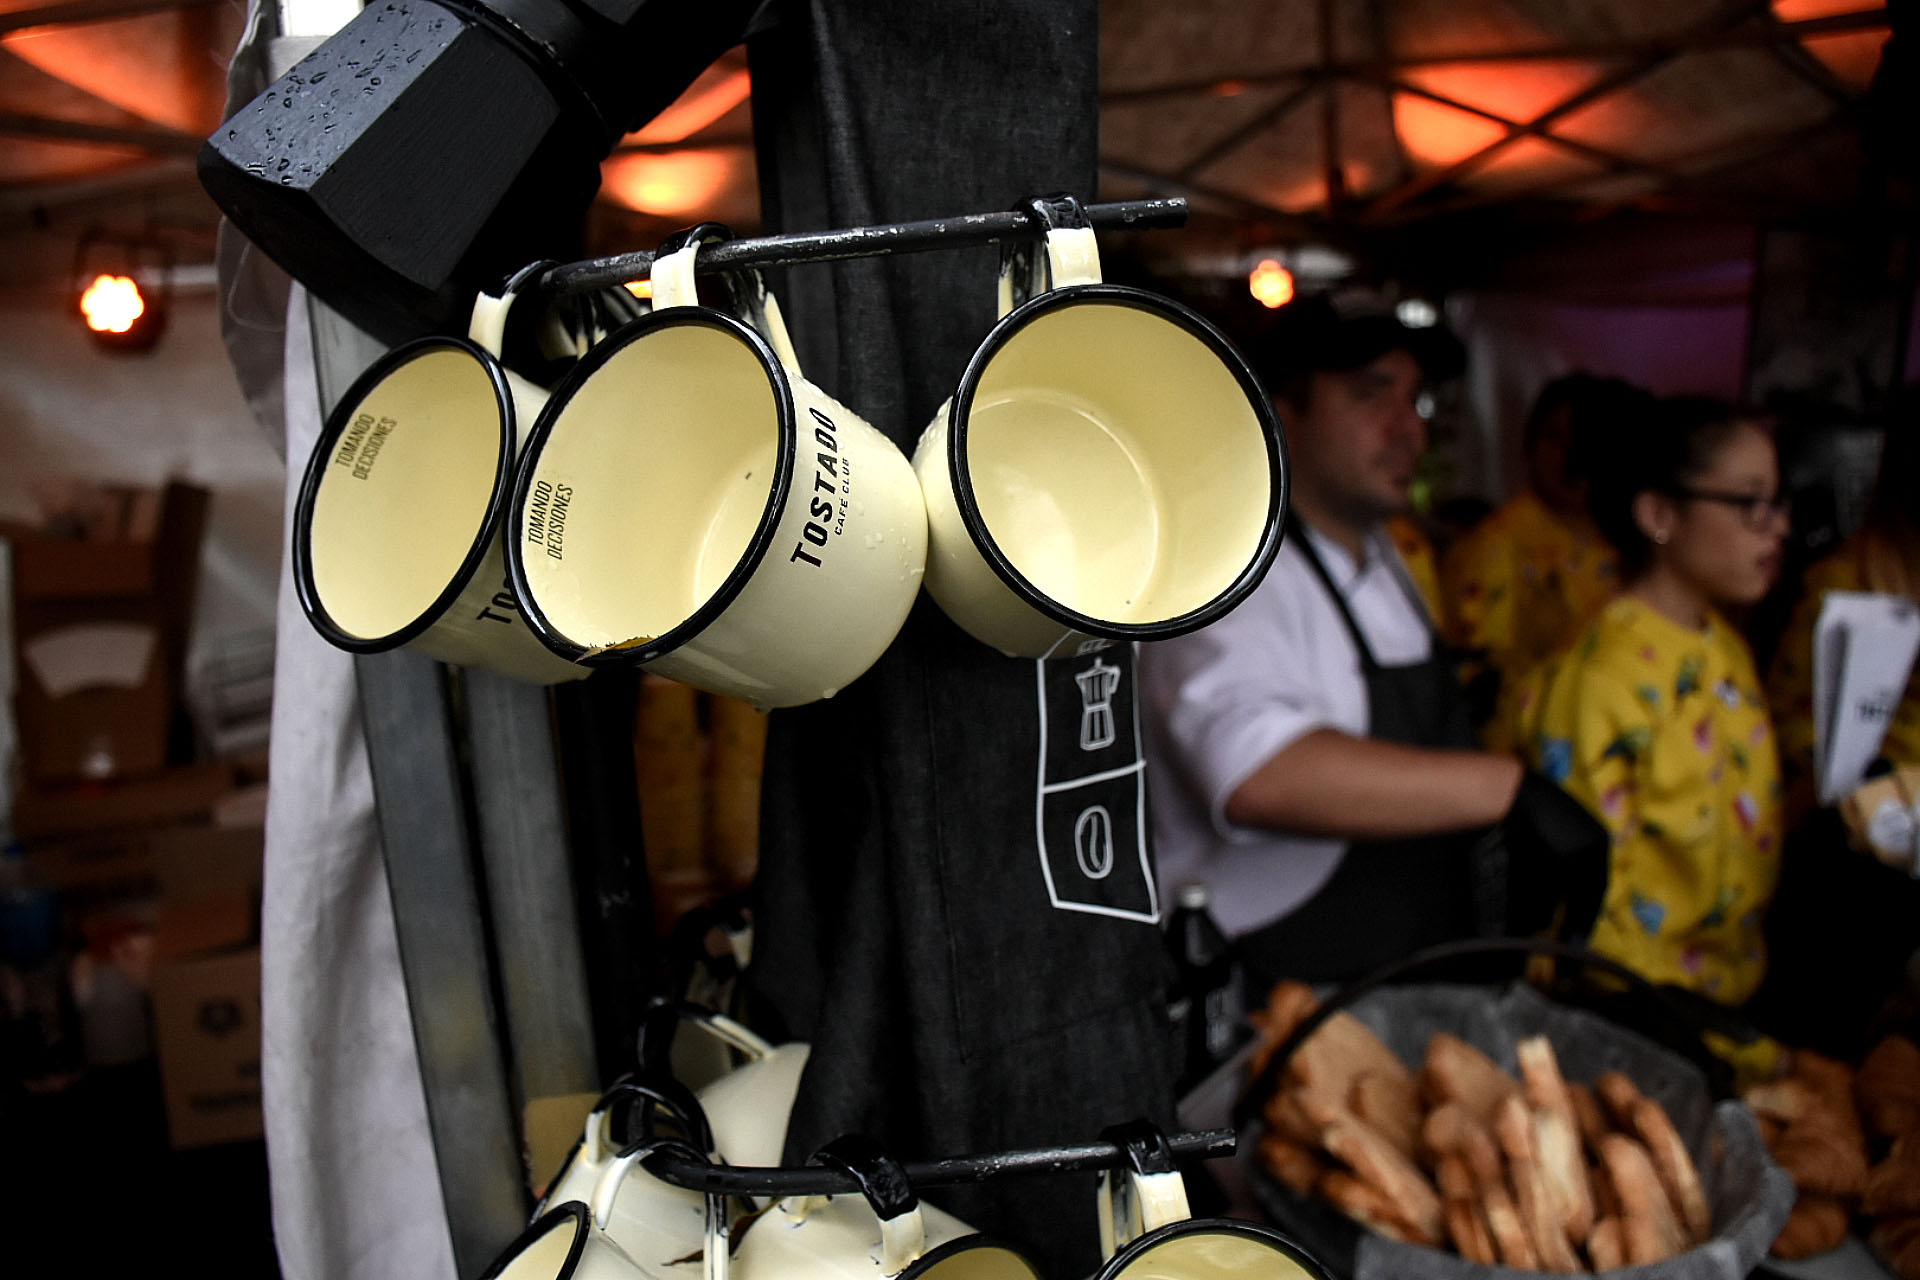 Cada puesto vende desde sus granos de café hasta máquinas moledoras y vajillas. Los expertos del café pasearon a pesar de la lluvia por FECA a disfrutar de las distintas propuestas que tienen los baristas argentinos